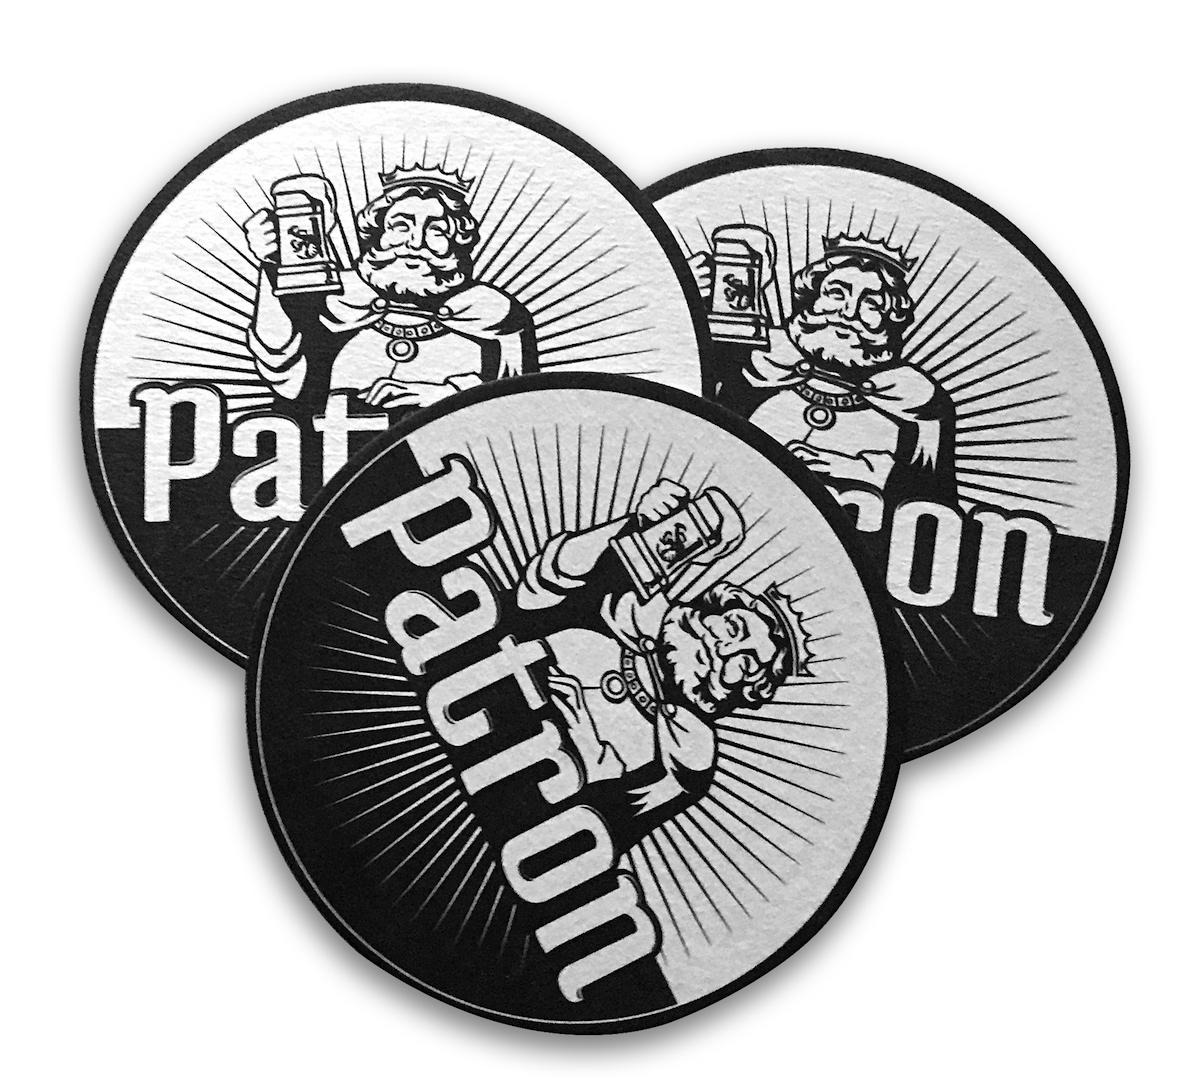 Podtácky fiktivní pivní značky Patron